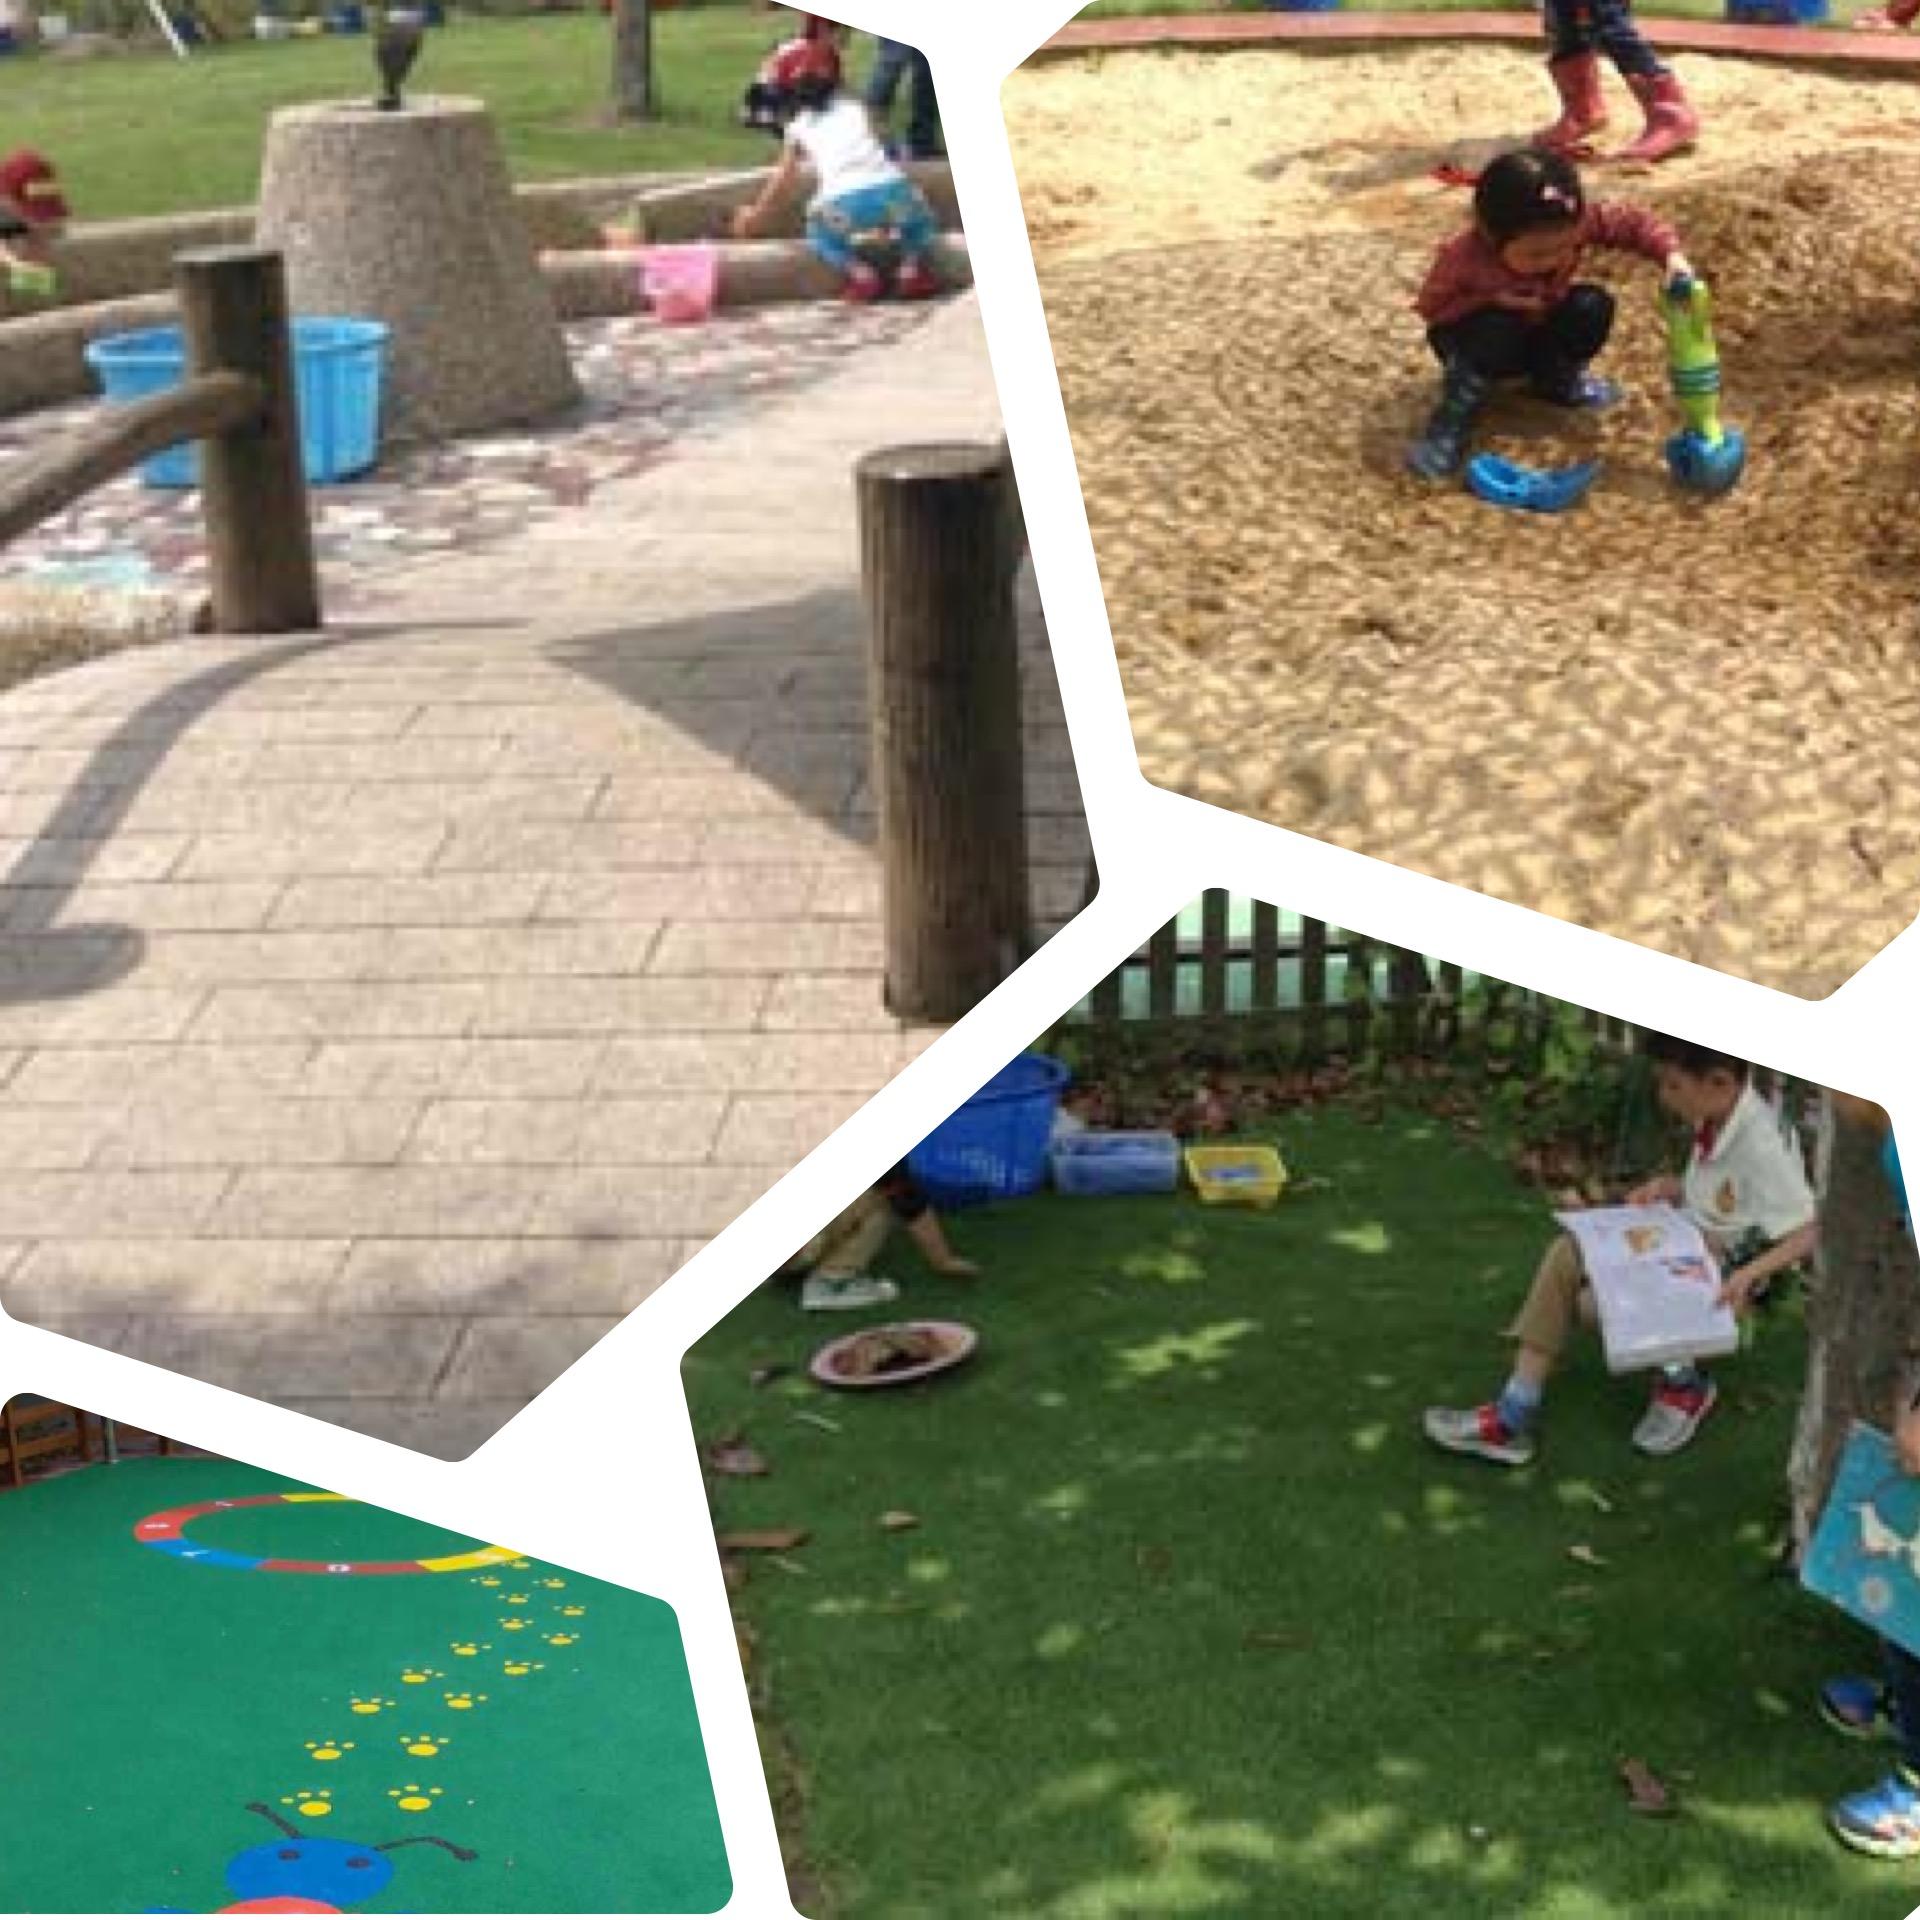 户外环境 | 改变户外环境,丰富投放材料,让幼儿嗨起来